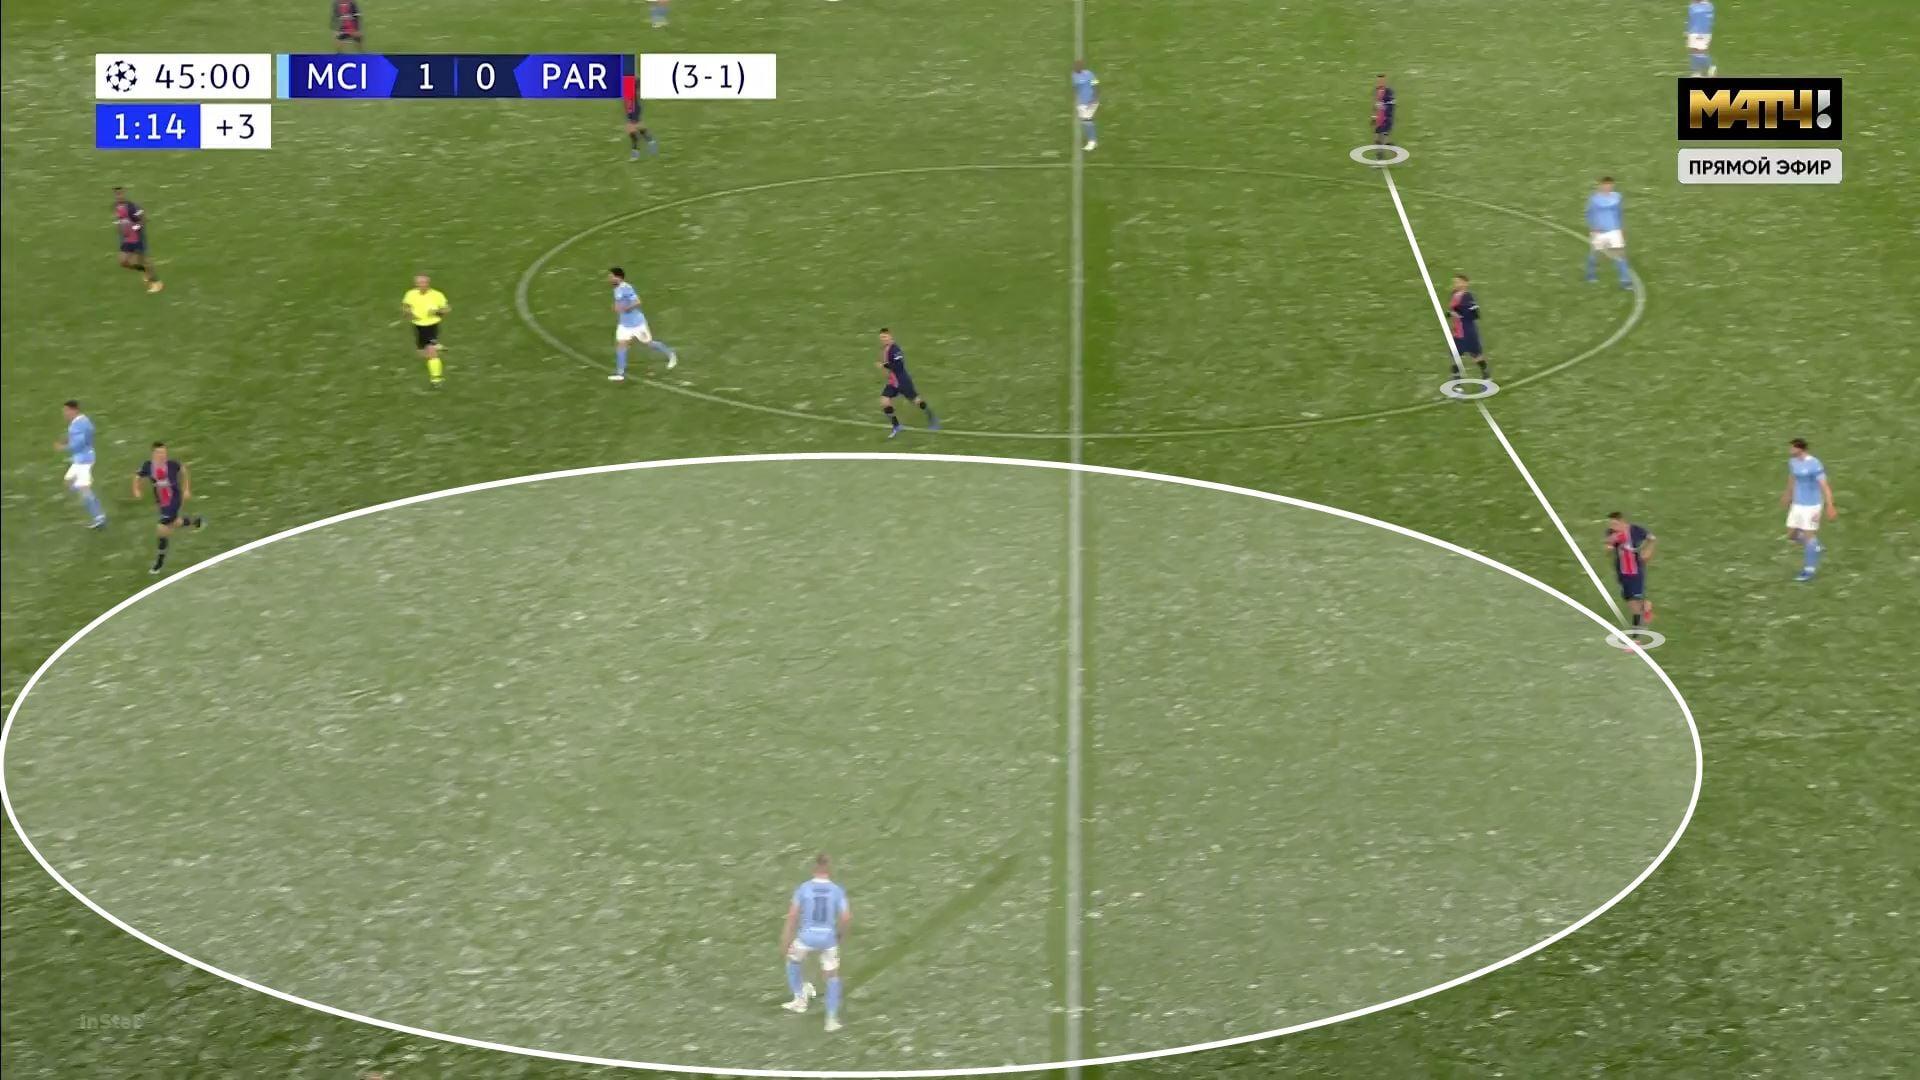 Против «ПСЖ» «Сити» отрезками играл как «Атлетико». Эдерсон – тактически важнейший игрок матча, он уничтожил прессинг «Парижа»